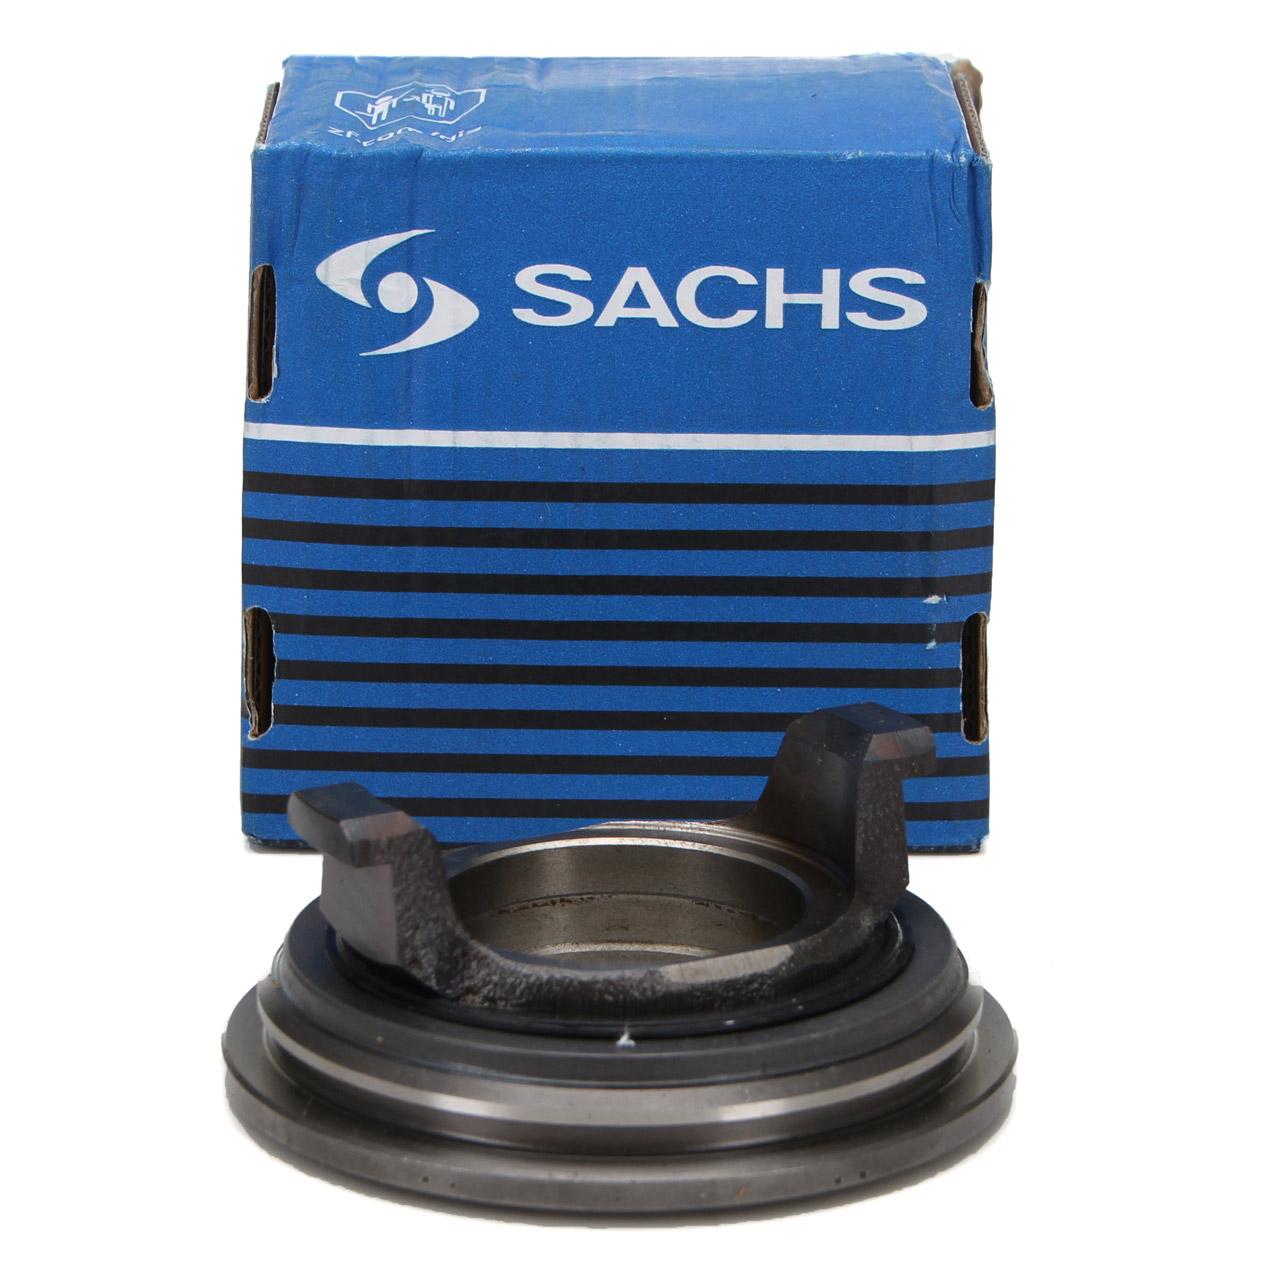 SACHS 3151019231 Ausrücklager für PORSCHE 911 3.0 Turbo bis 08.1977 + 3.3 Turbo